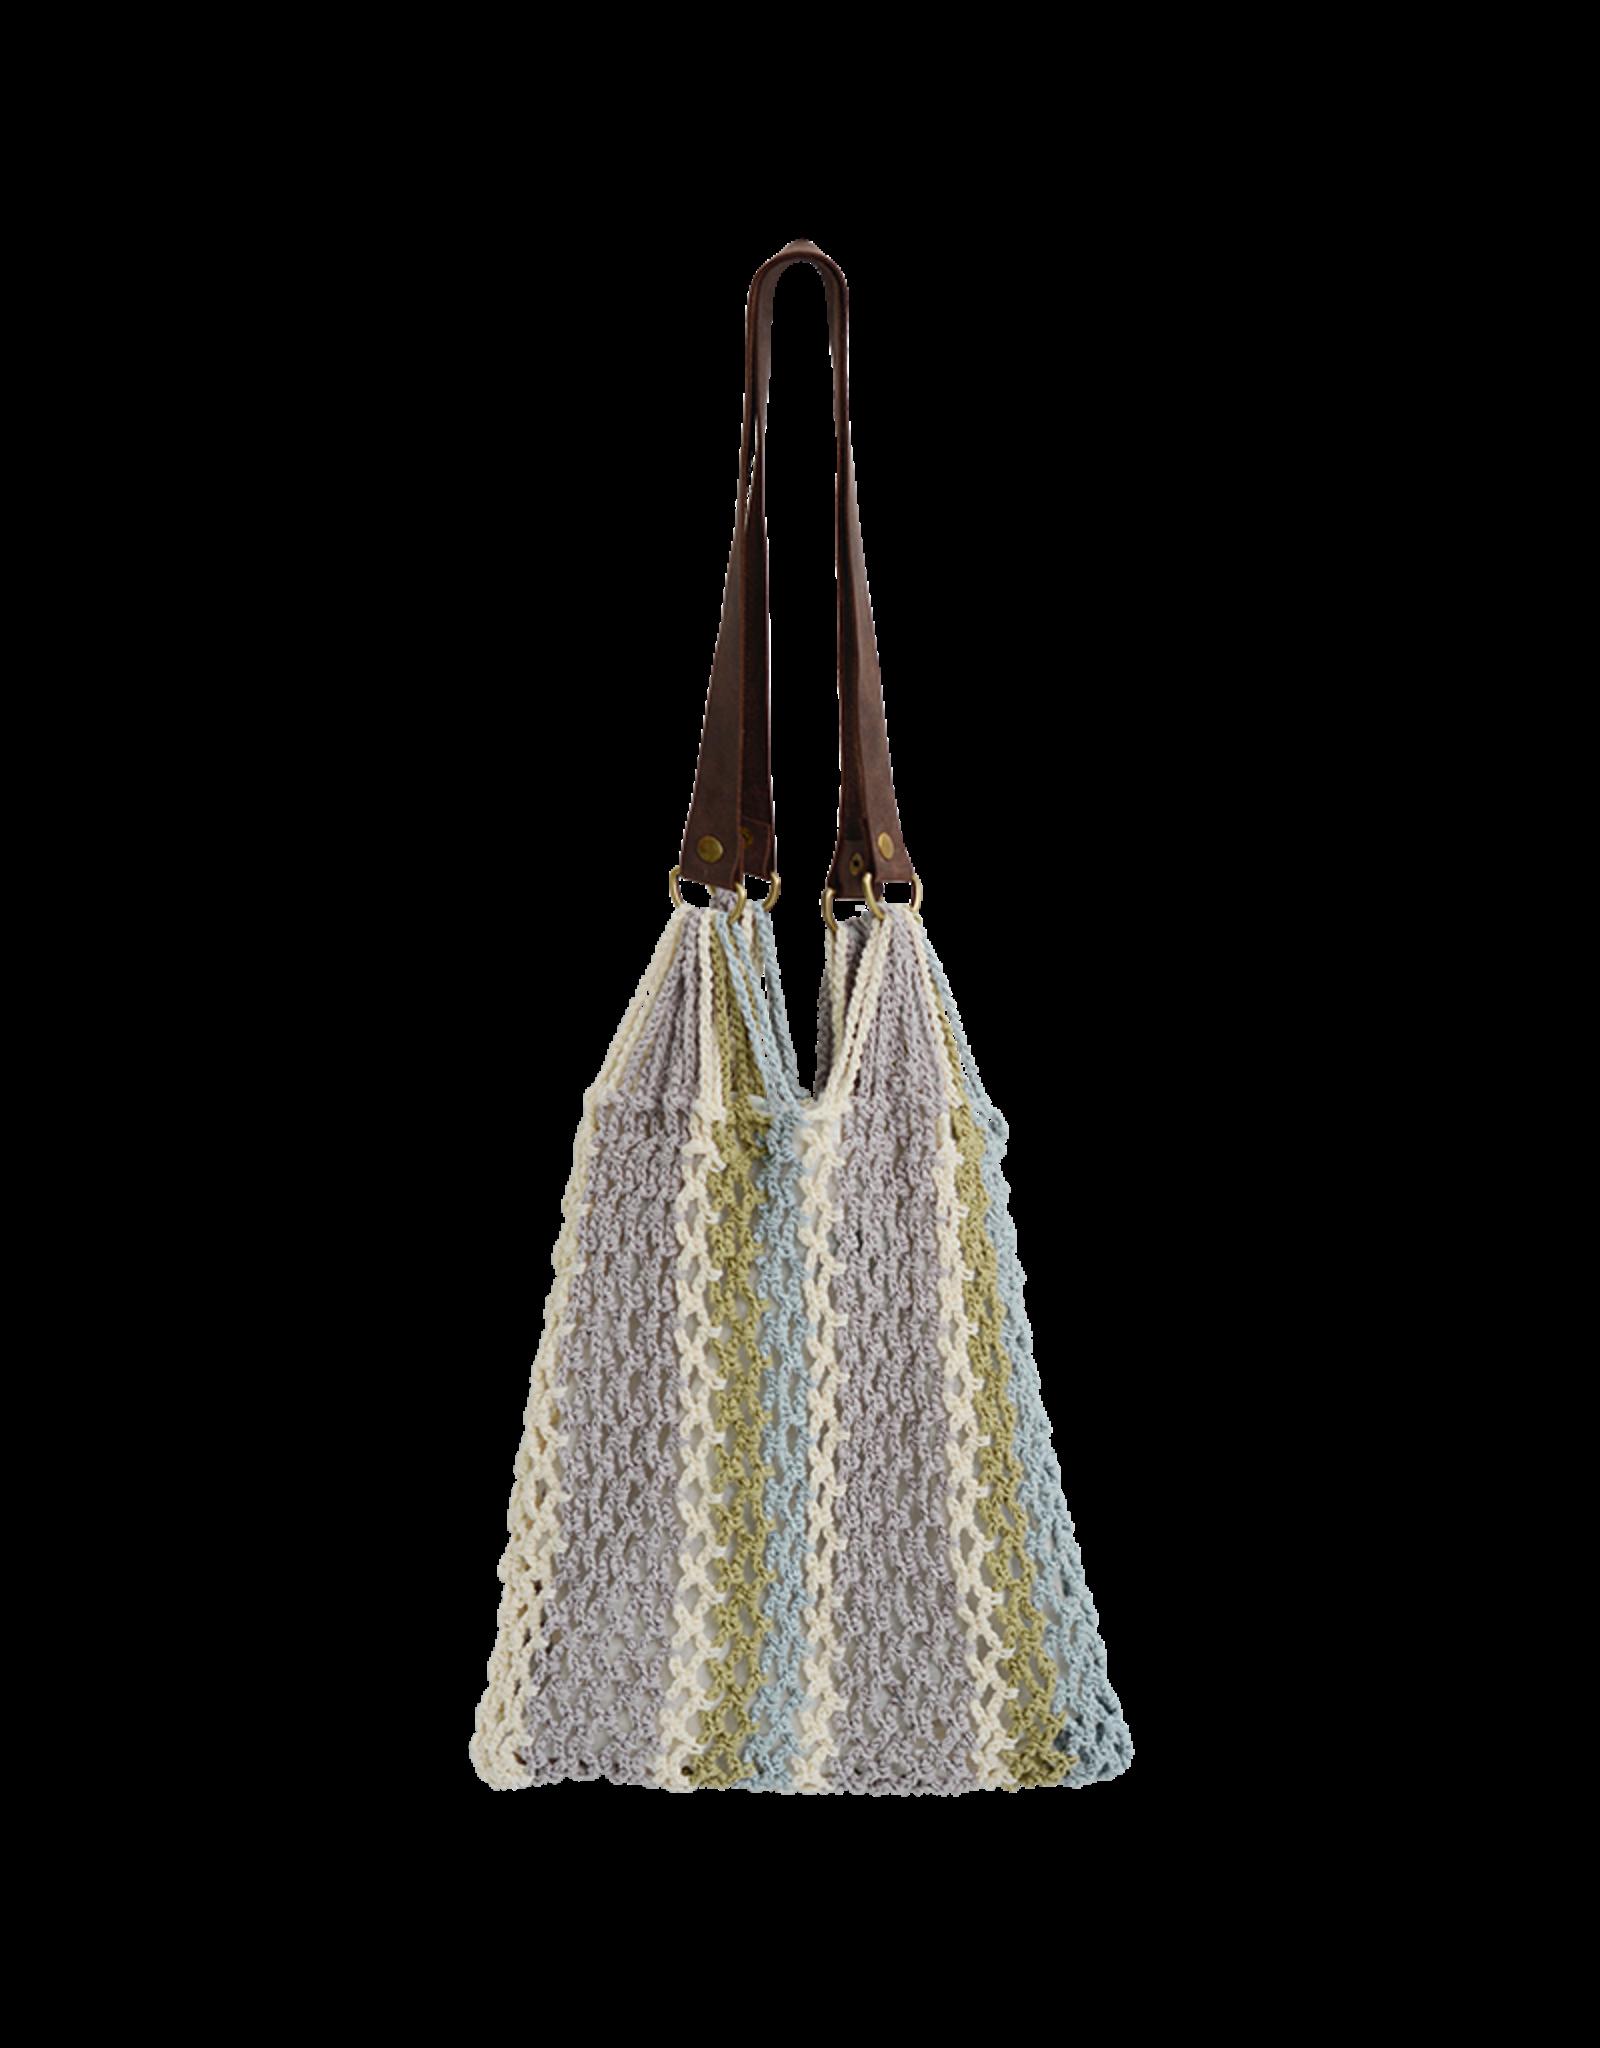 Crocheted Large Mesh Bag, Light